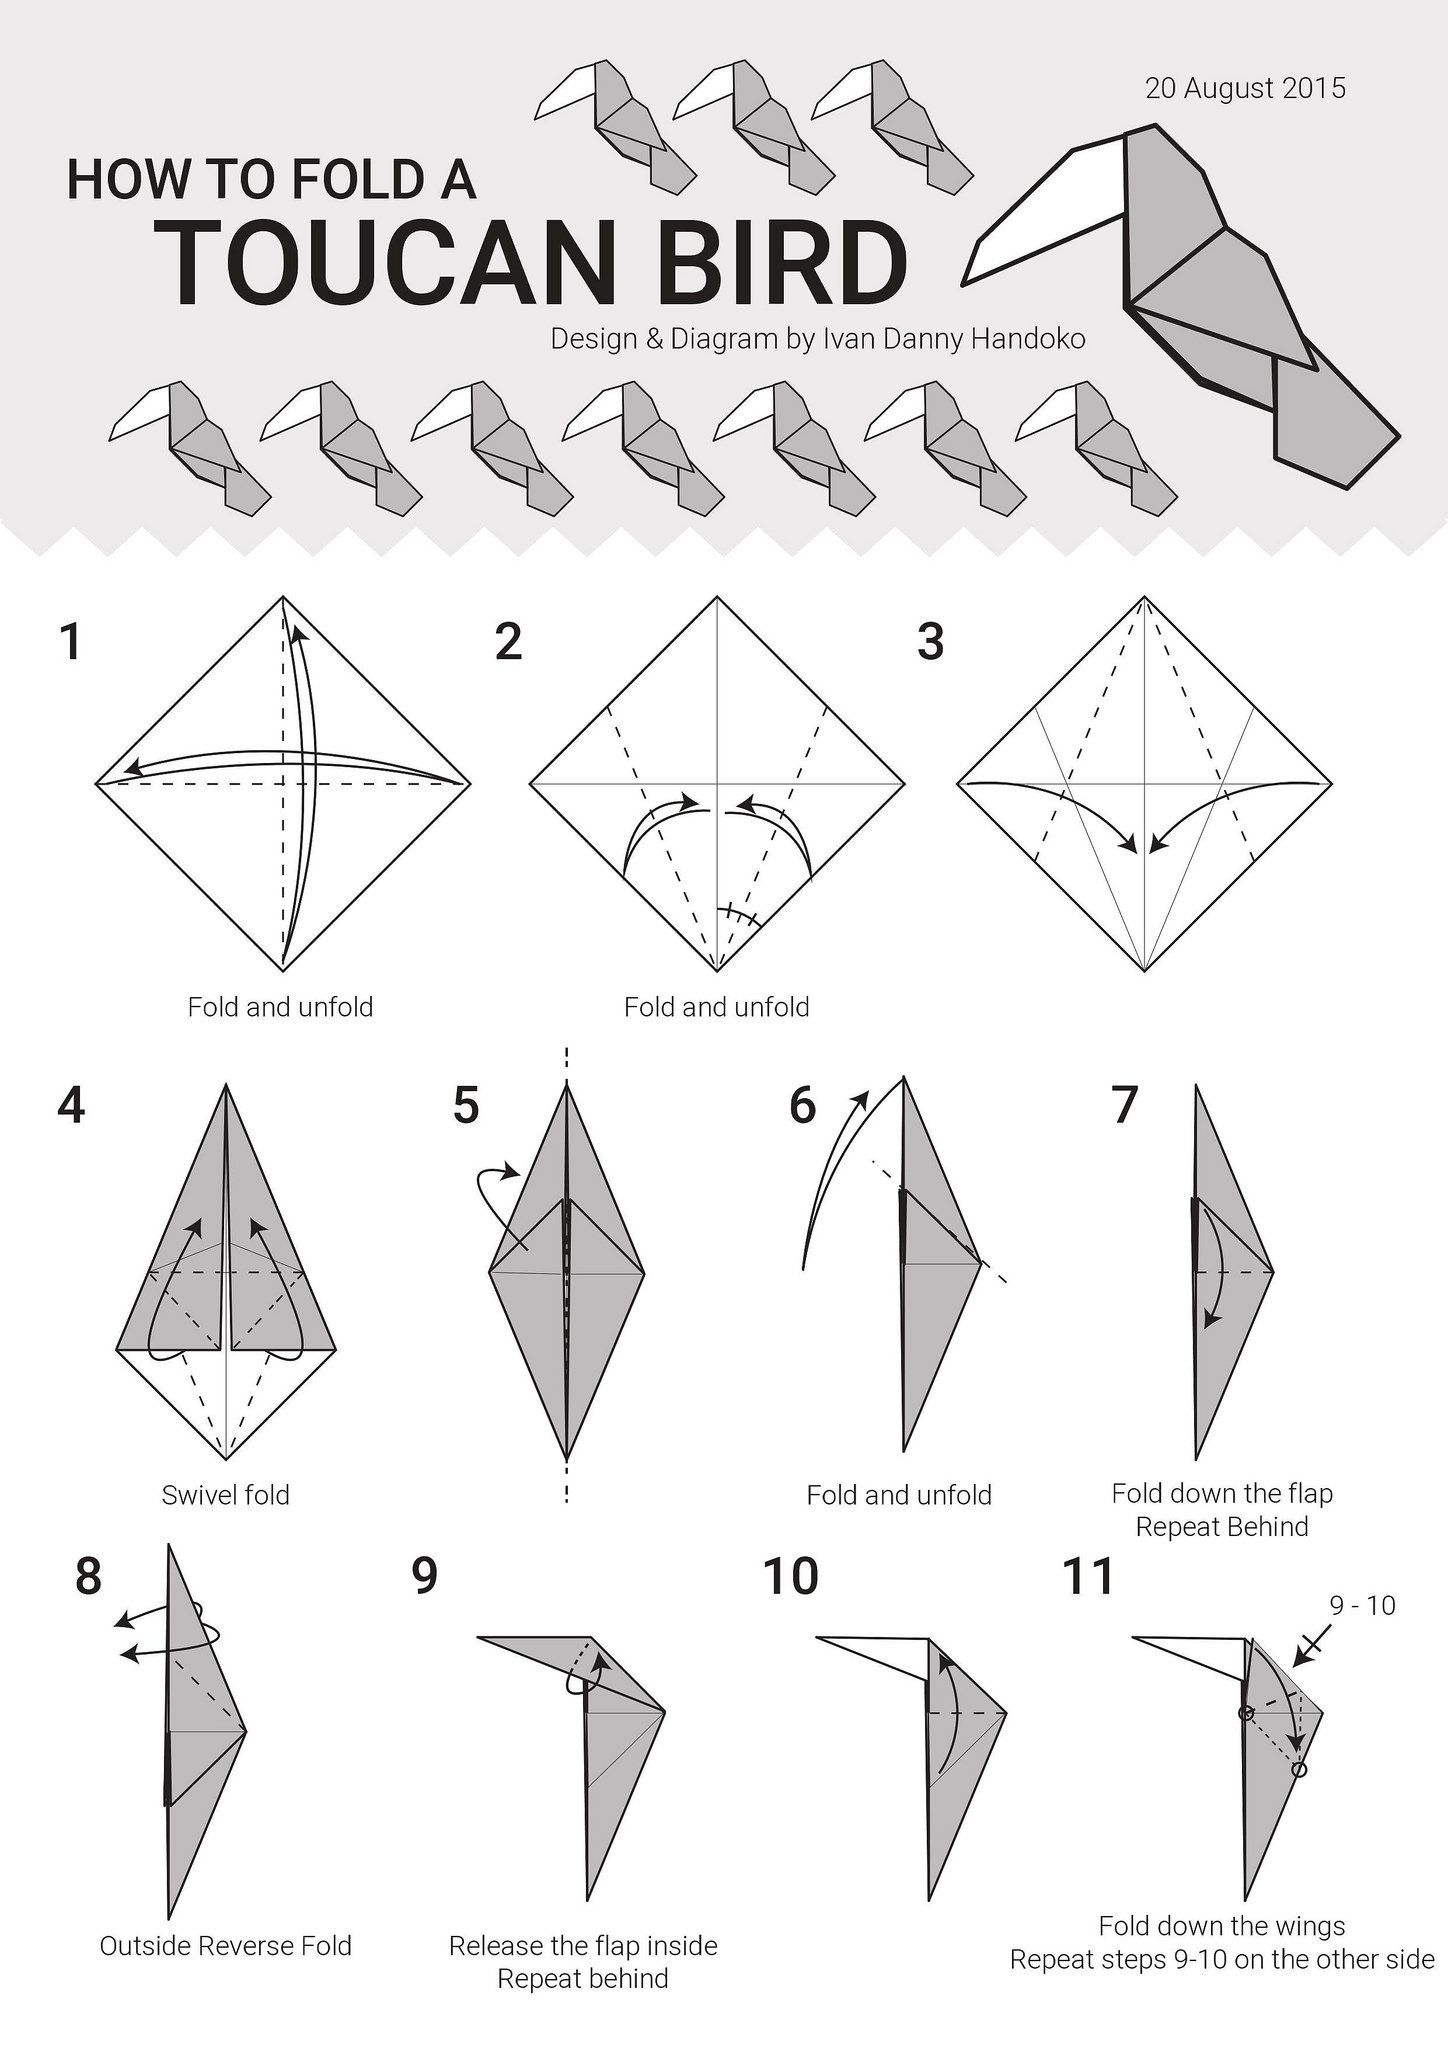 Toucan Diagram 1 Origami Pinterest Diagrams Rose Diagram1 By Ivan Danny